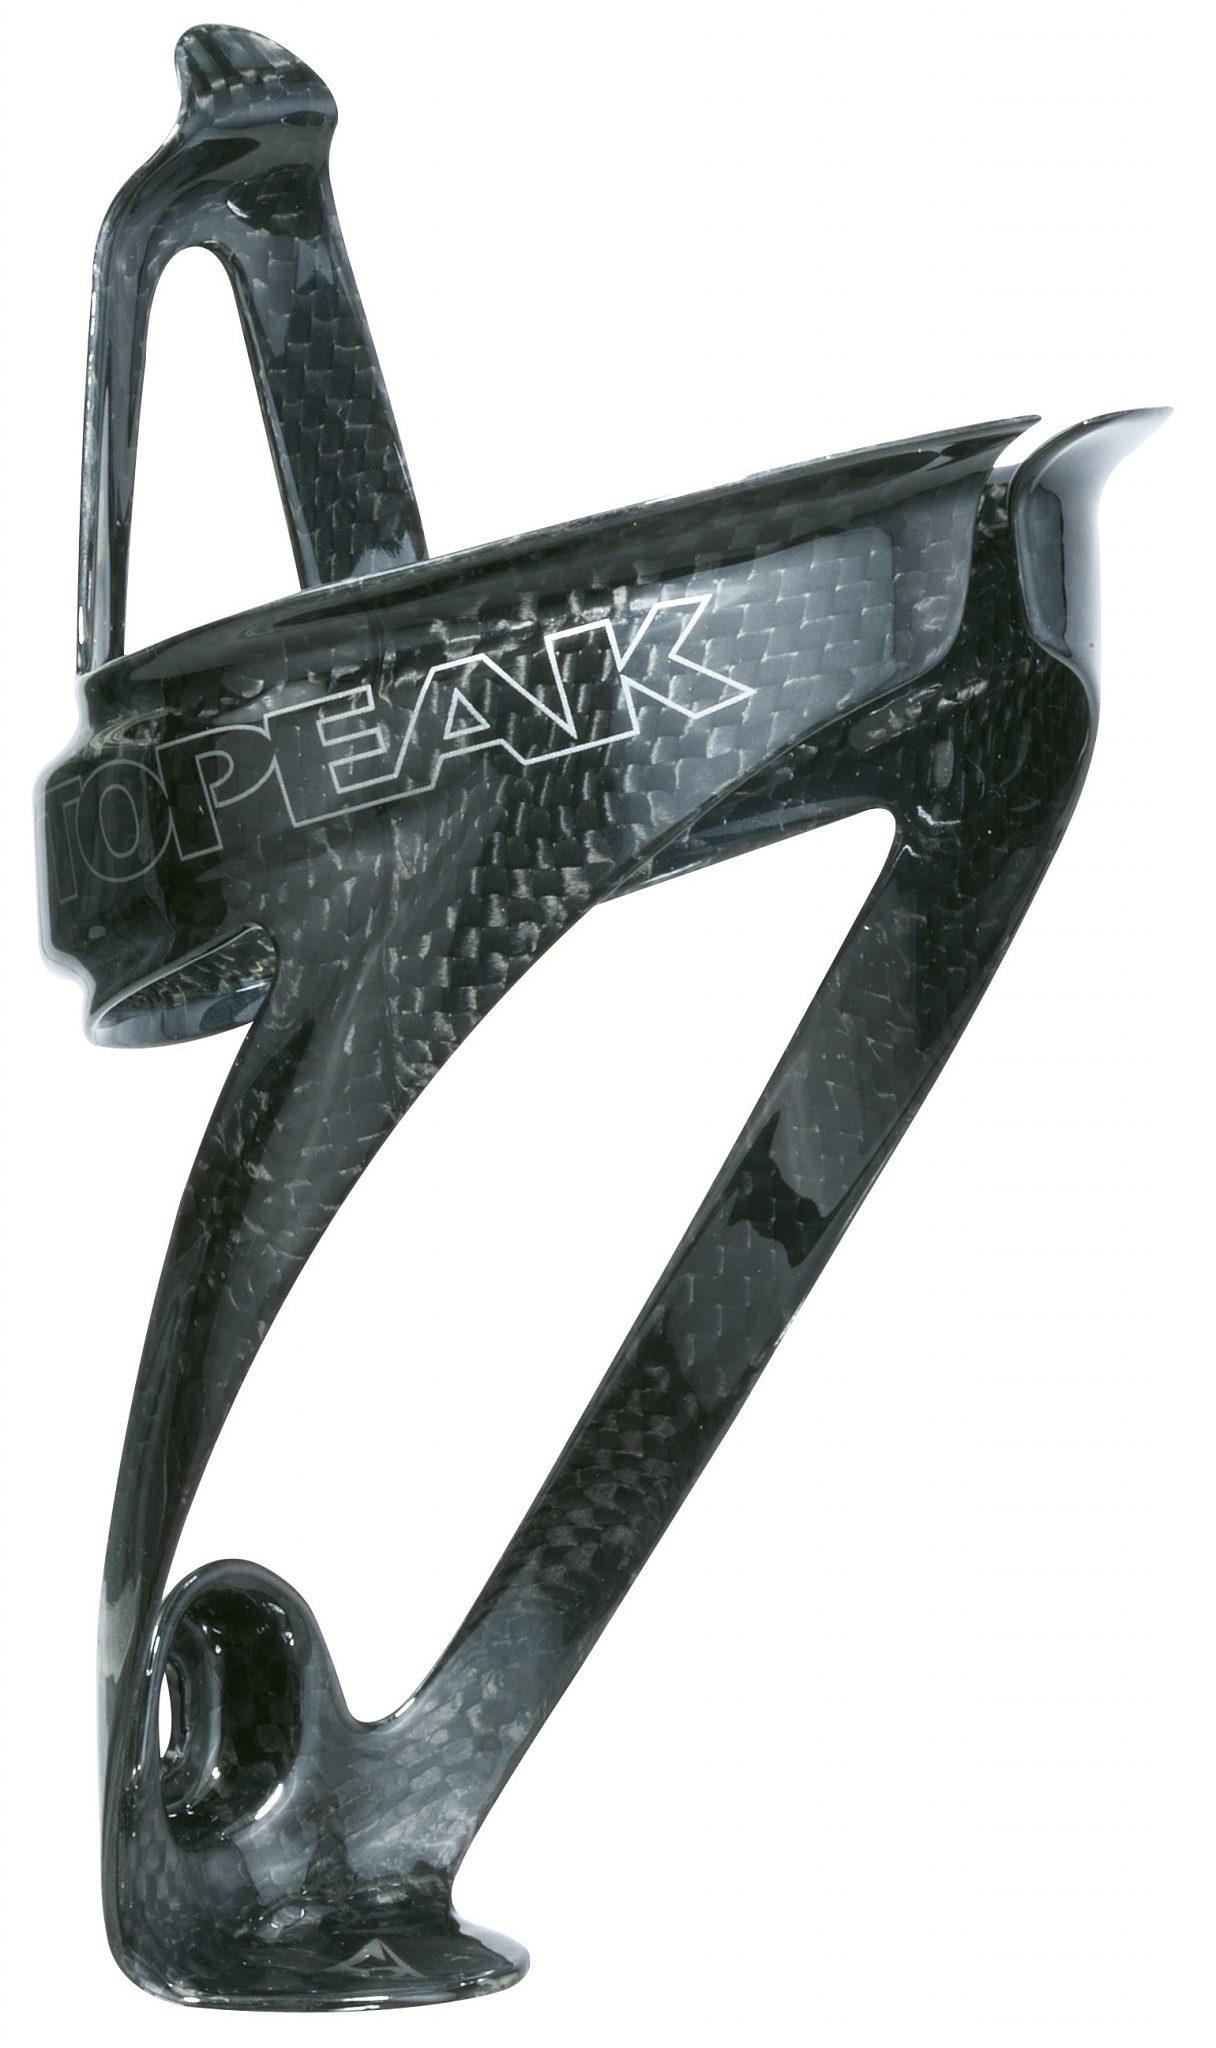 Topeak Trinkflaschenhalter »Shuttle Cage Carbon Flaschenhalter silver color«